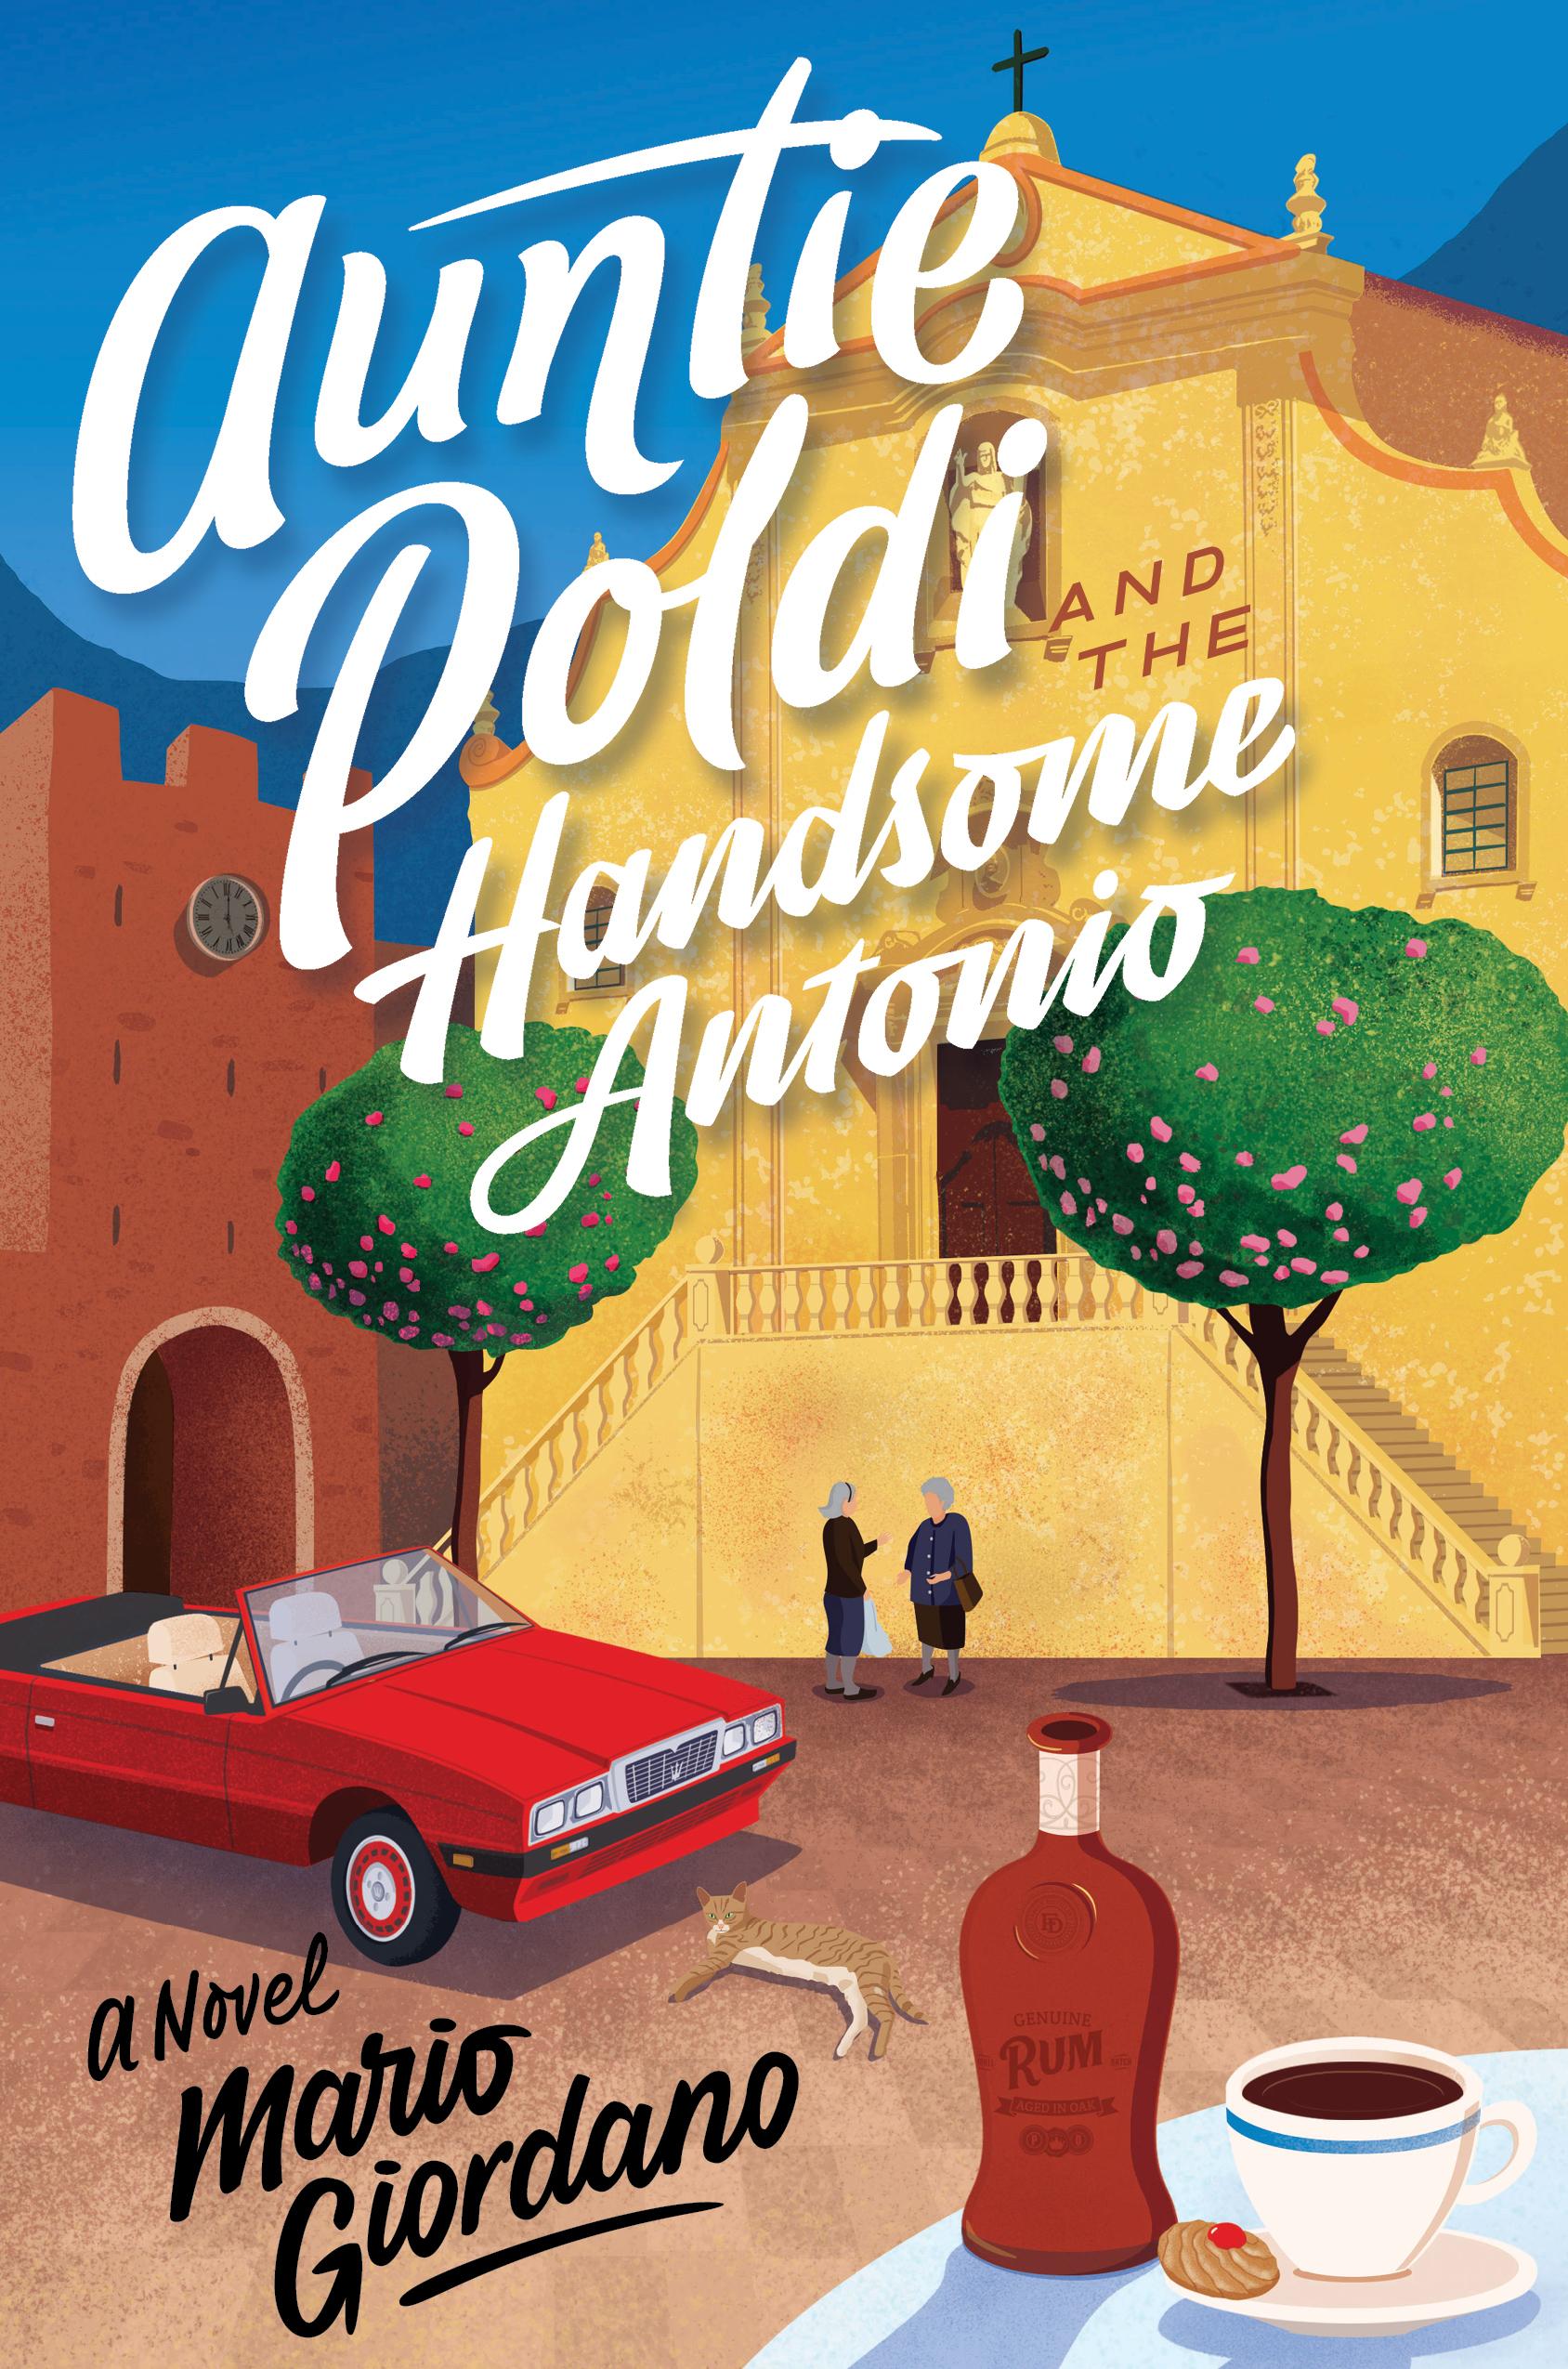 Auntie Poldi and the Handsome Antonio